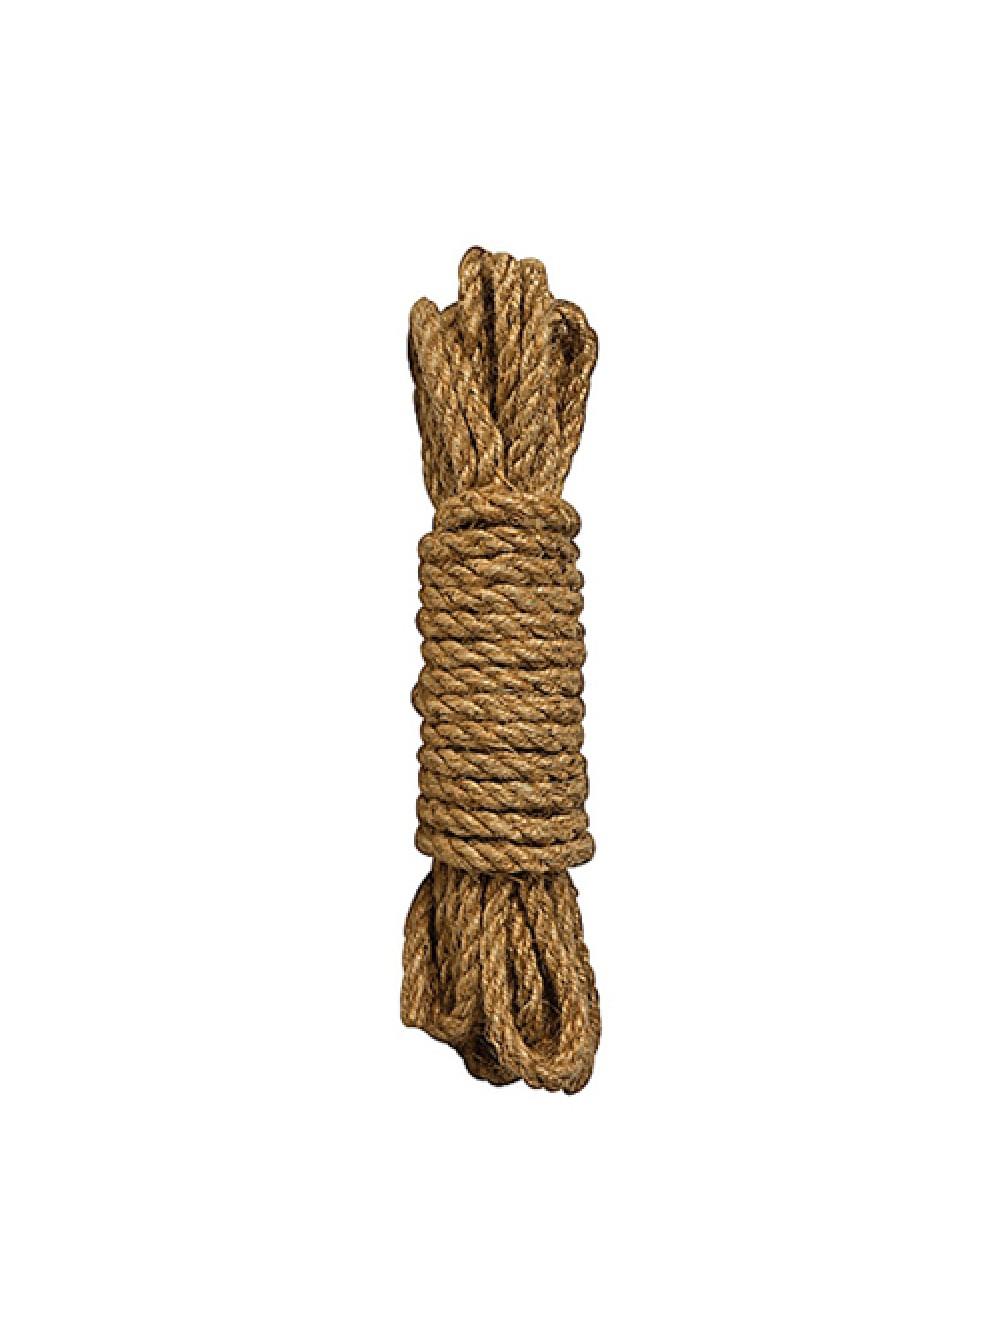 Shibari Rope 5 m